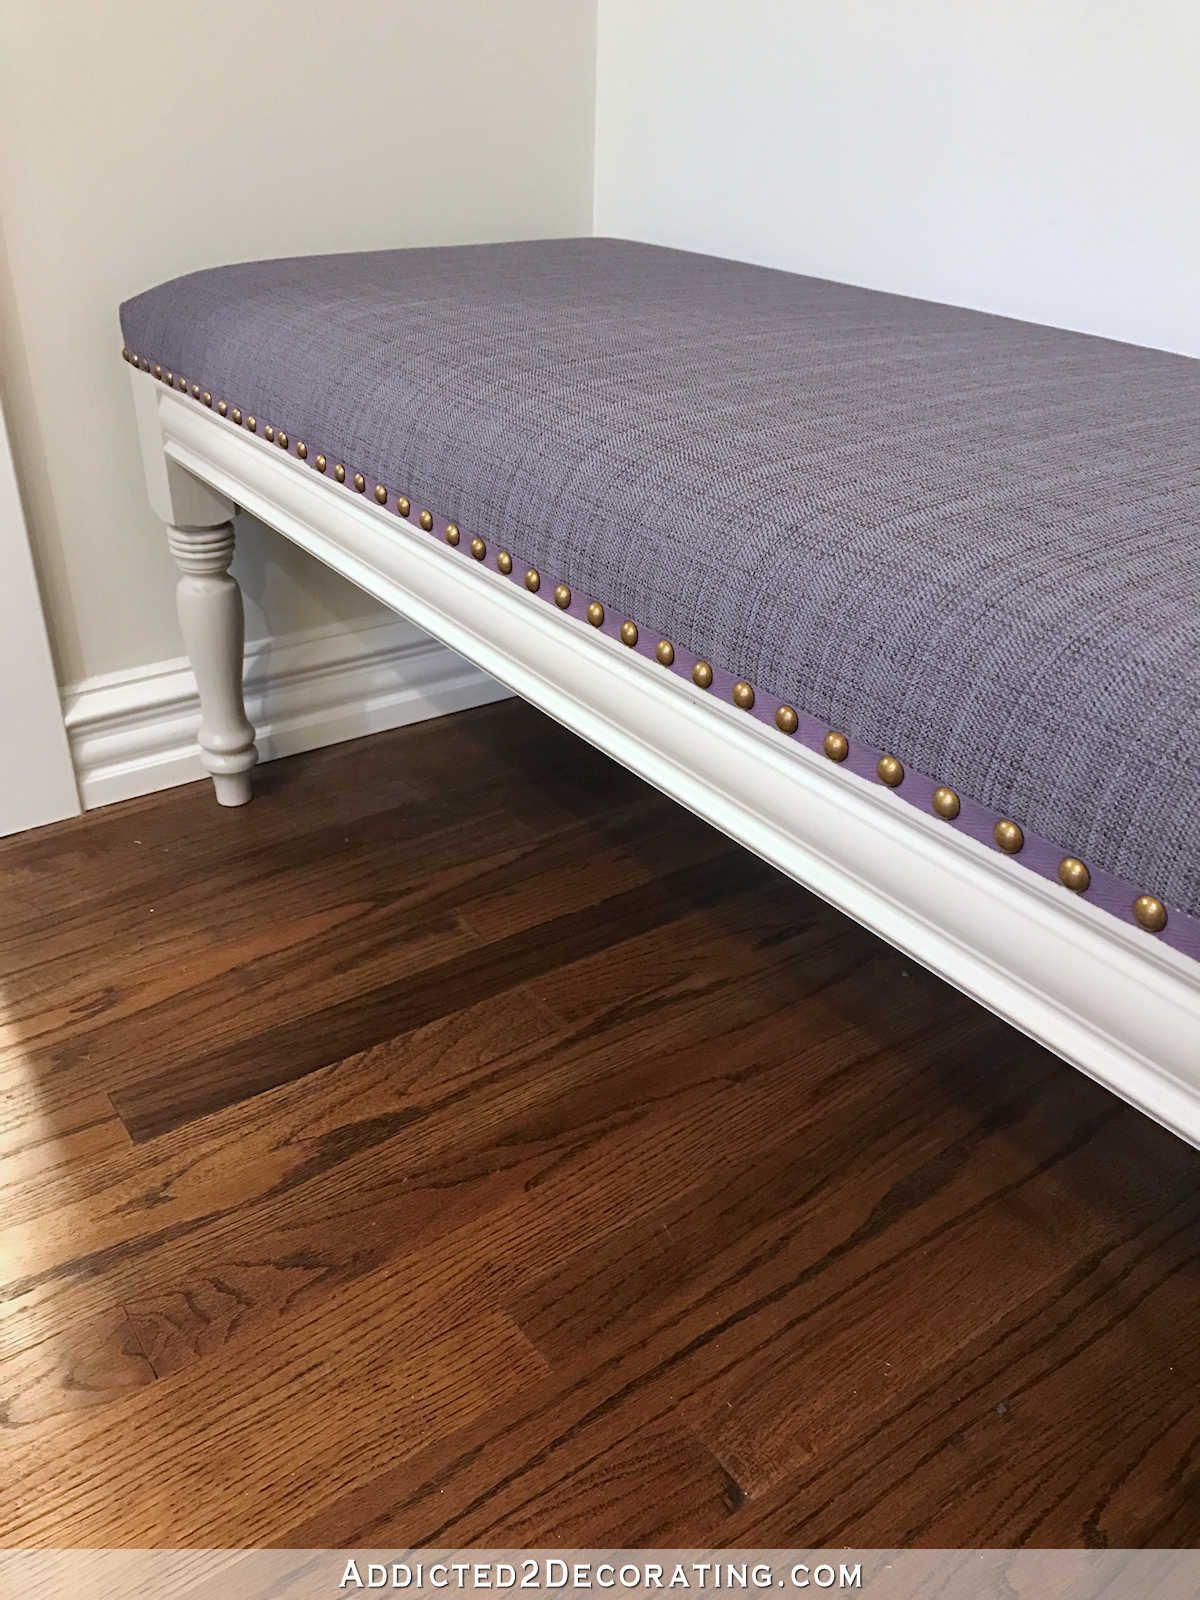 Diy Upholstered Dining Room Bench Finished  How To Upholster Endearing Dining Room Bench Plans Decorating Design